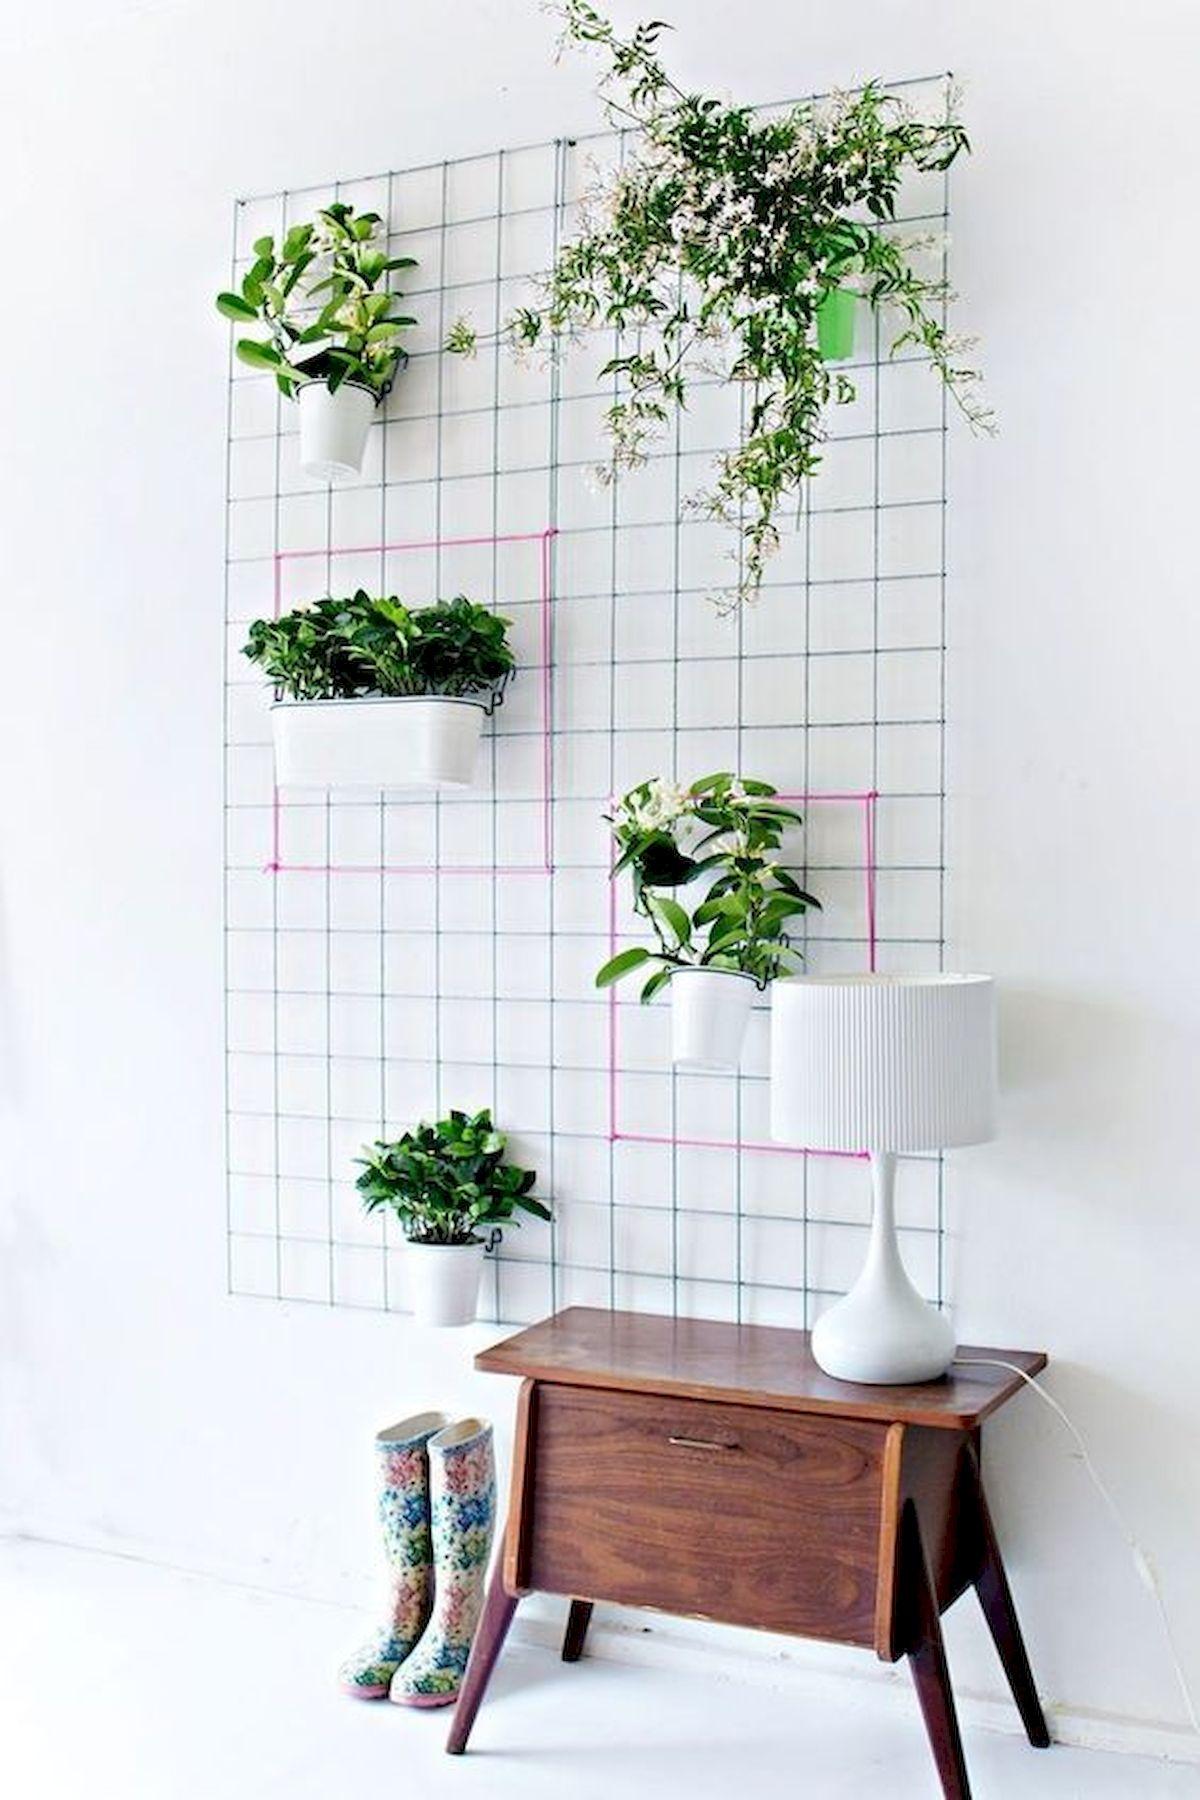 44 Creative DIY Vertical Garden Ideas To Make Your Home Beautiful (18)